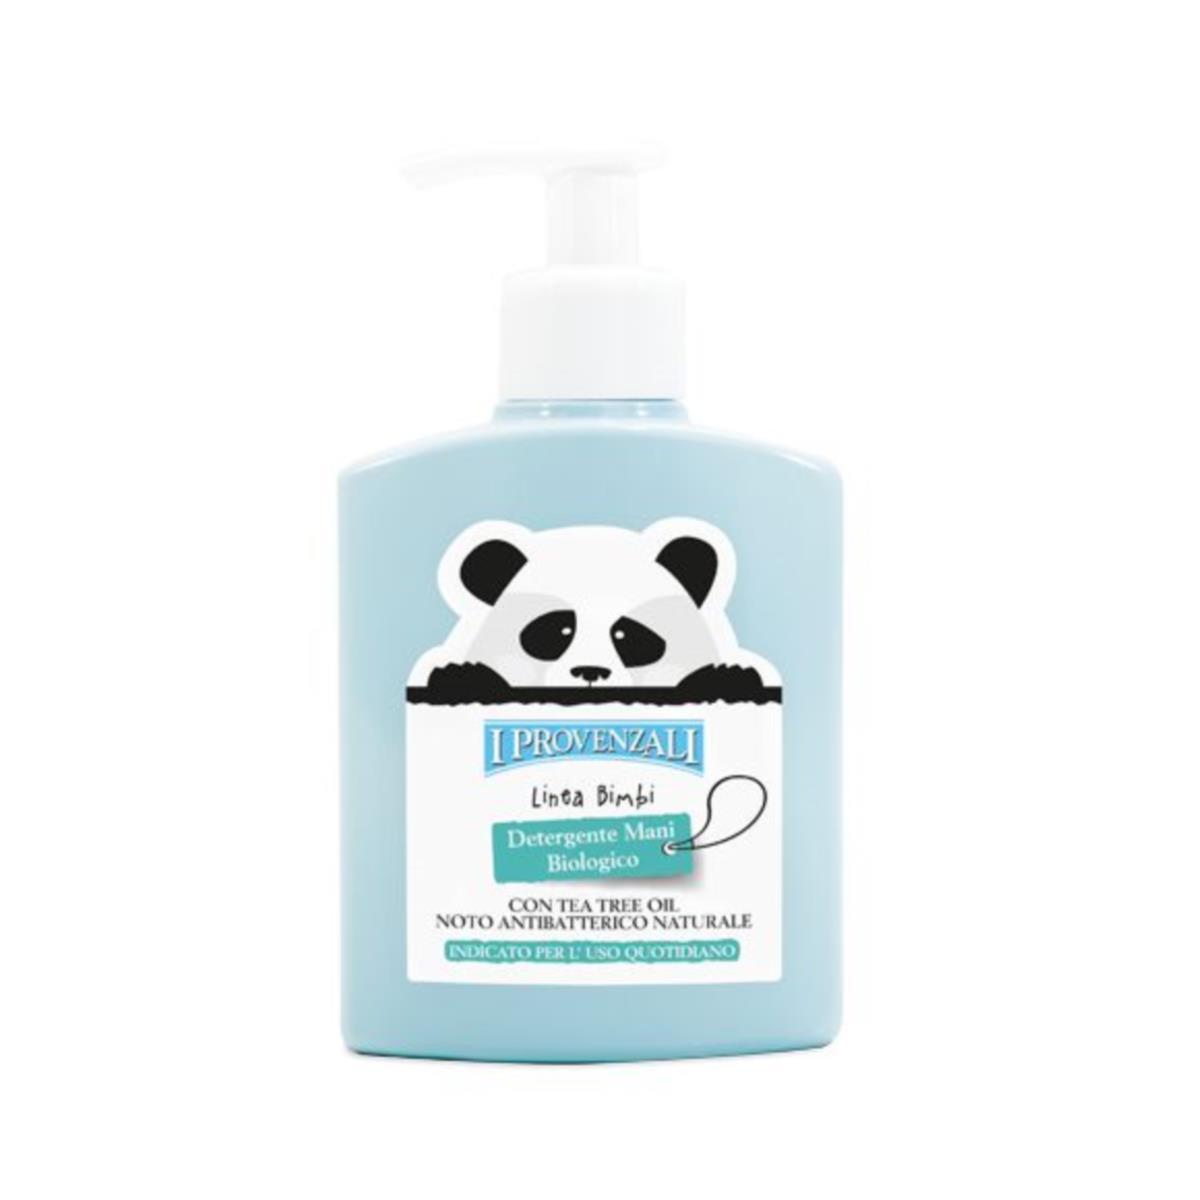 Bio Detergente Mani 200ml